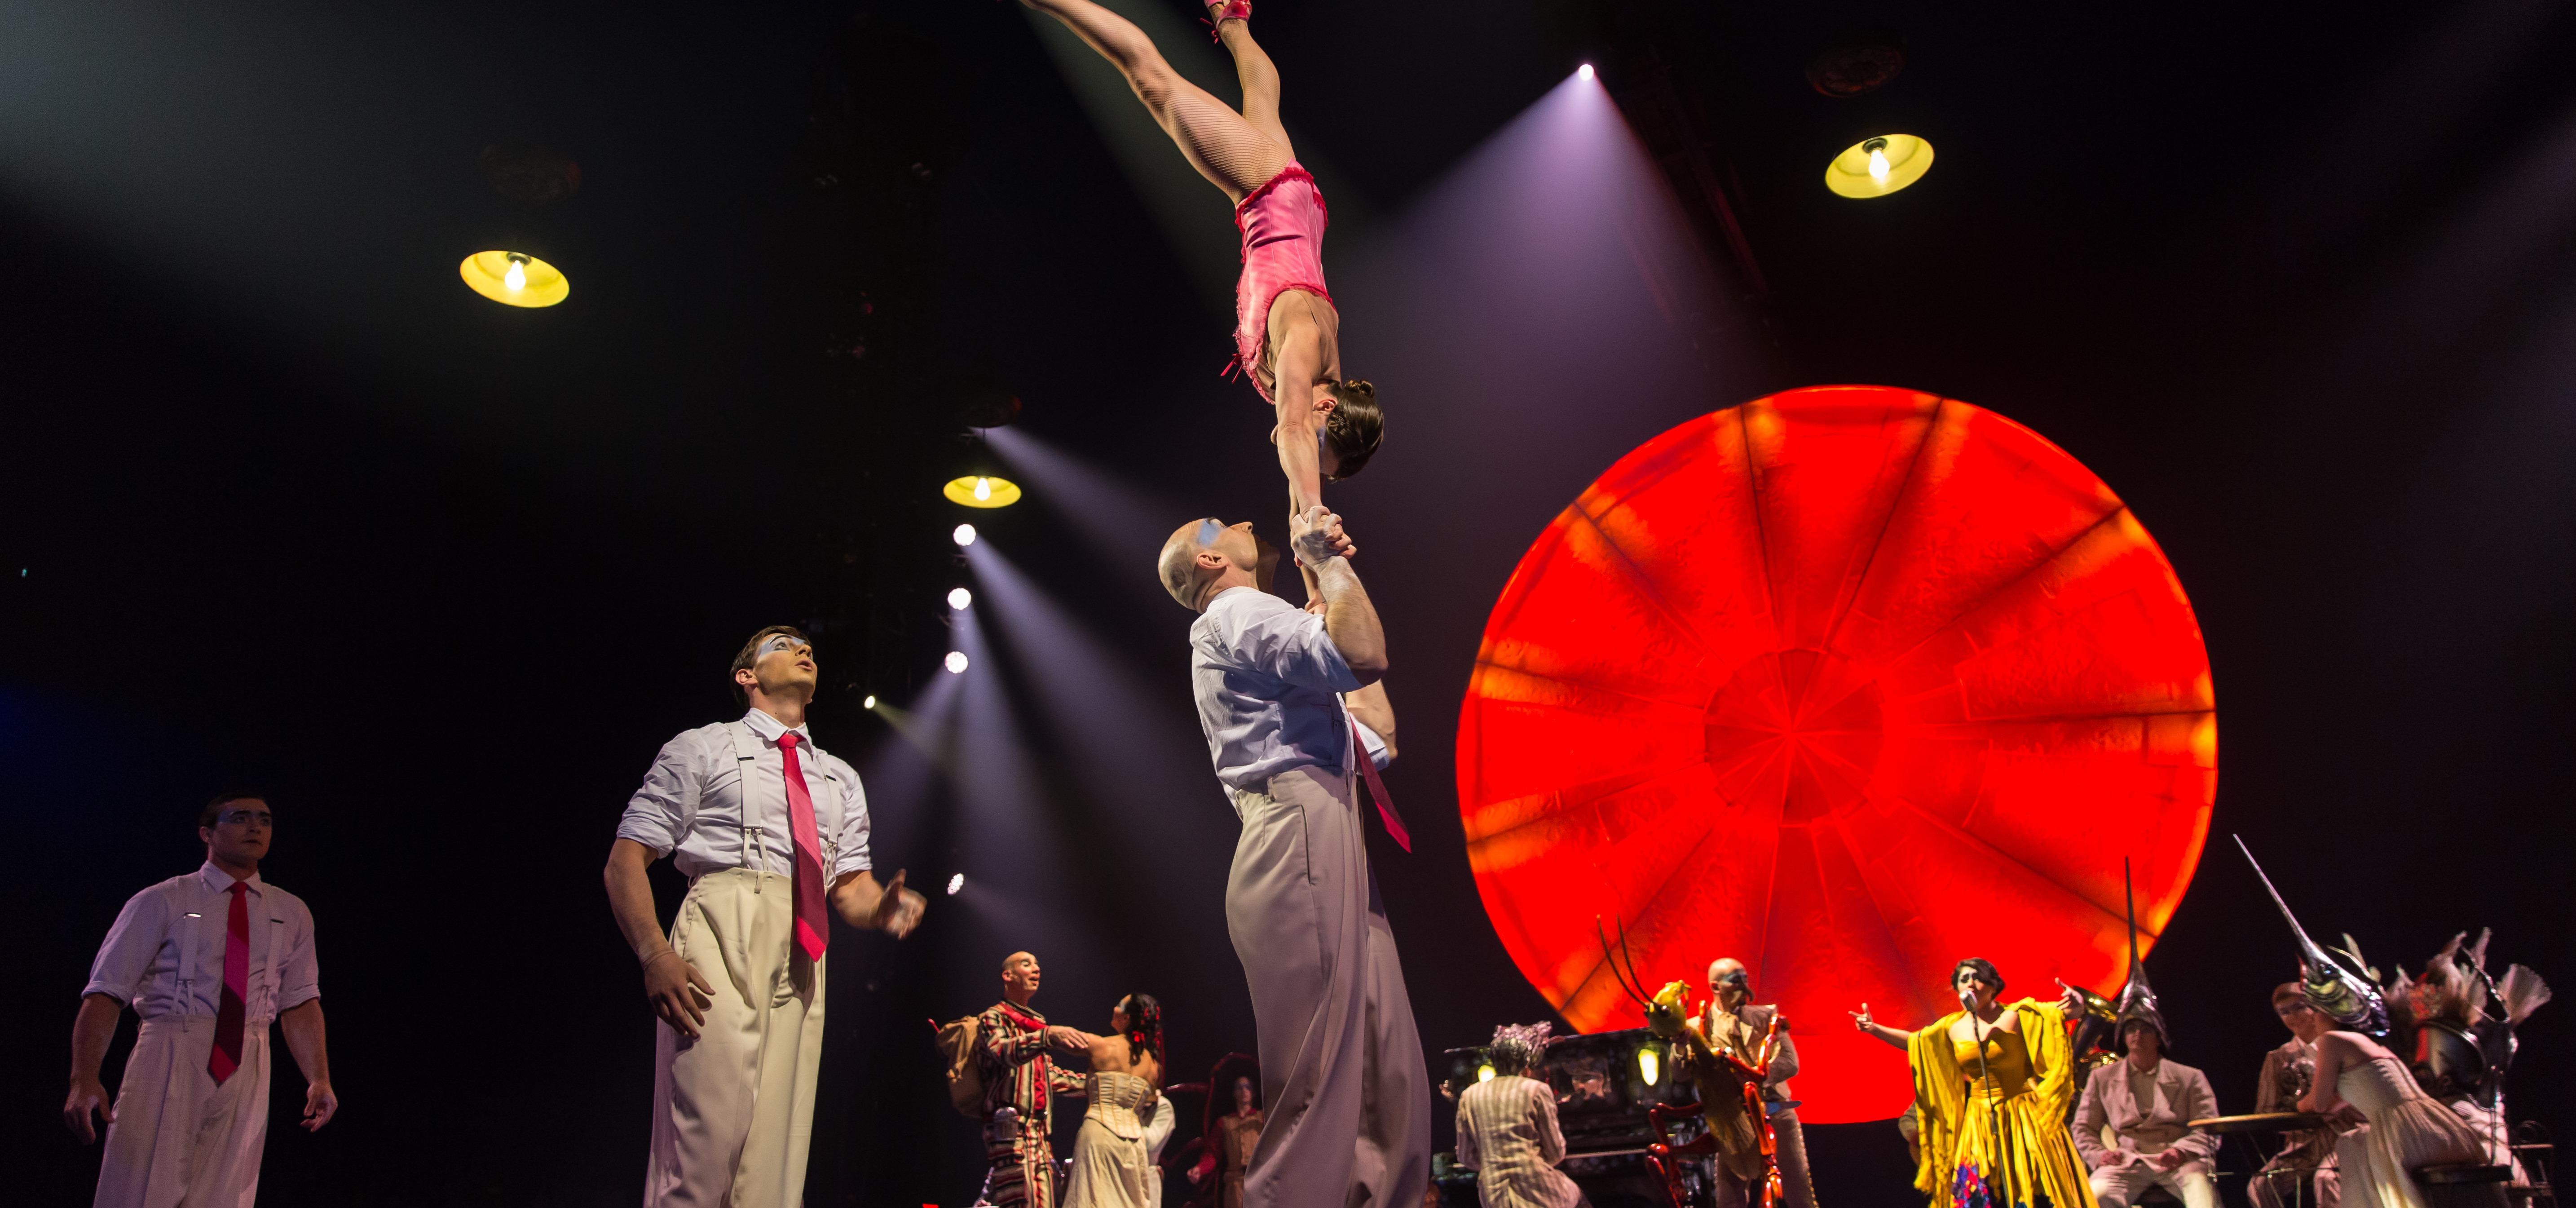 Luzia, Cirque du Soleil, Levantamiento de la Gran Carpa Blanca y Dorada Soleil